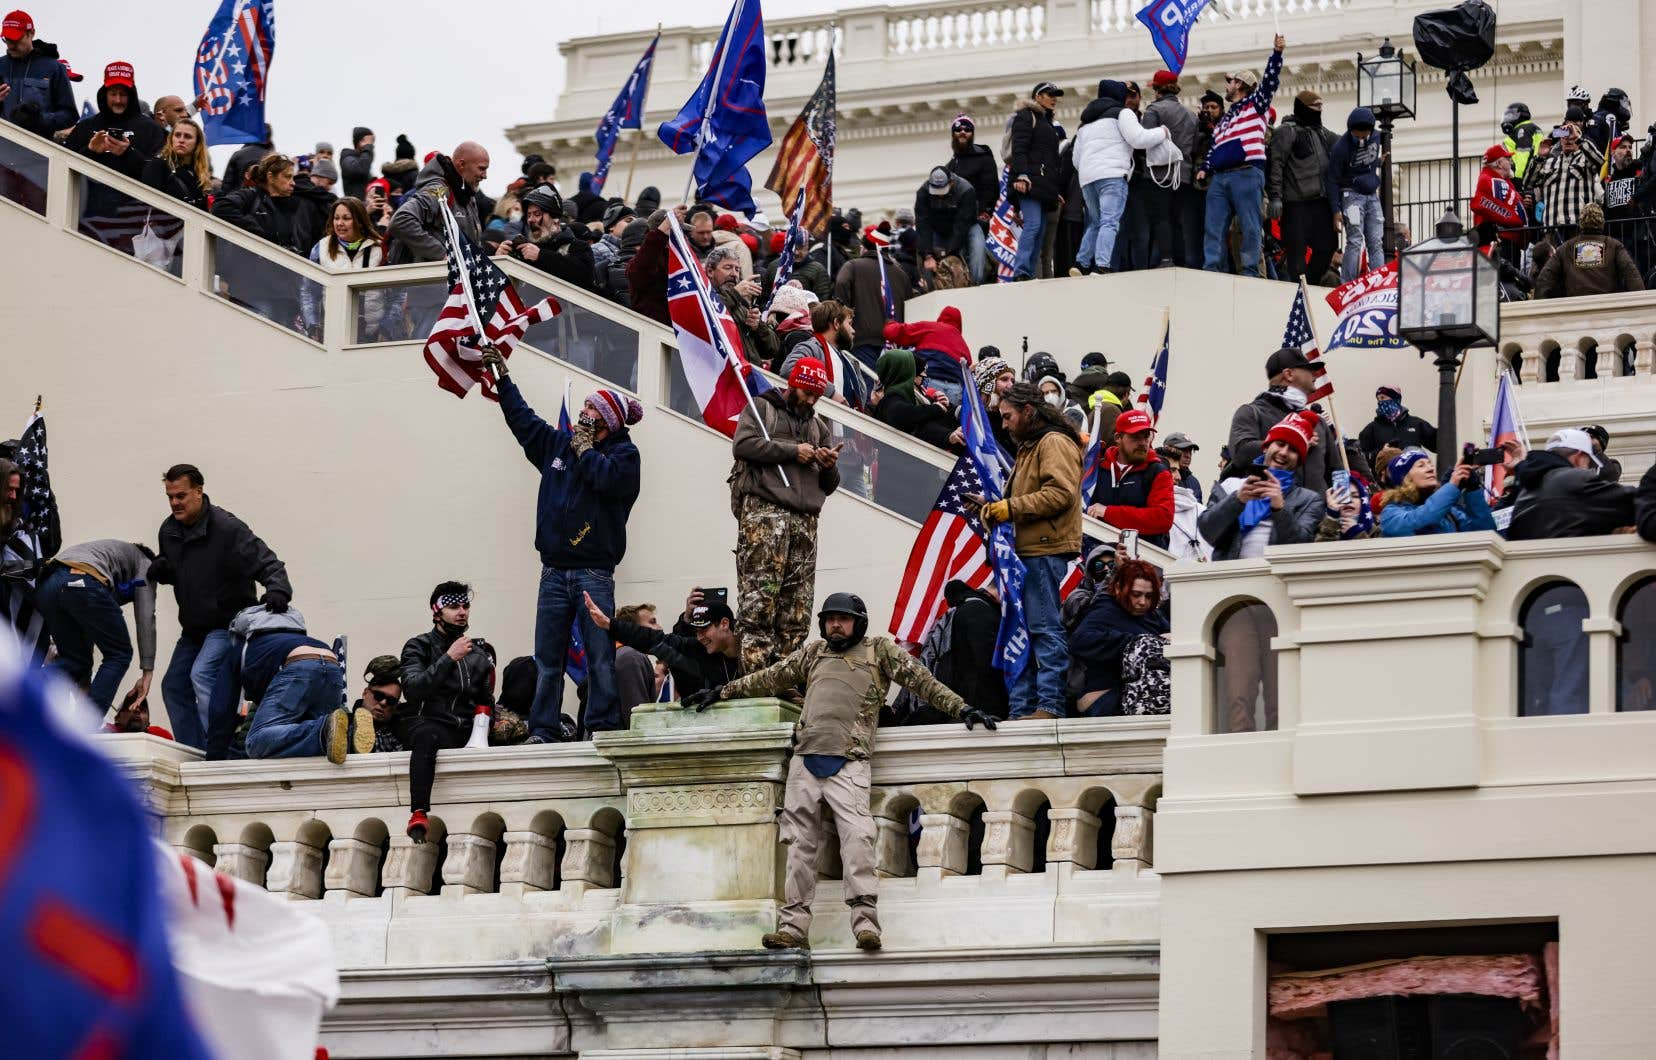 L'attaque du dôme de la démocratieaméricaine par les partisans de Donald Trump semble avoir ébranlé les consciences dans plusieurs institutions et entreprises aux États-Unis.